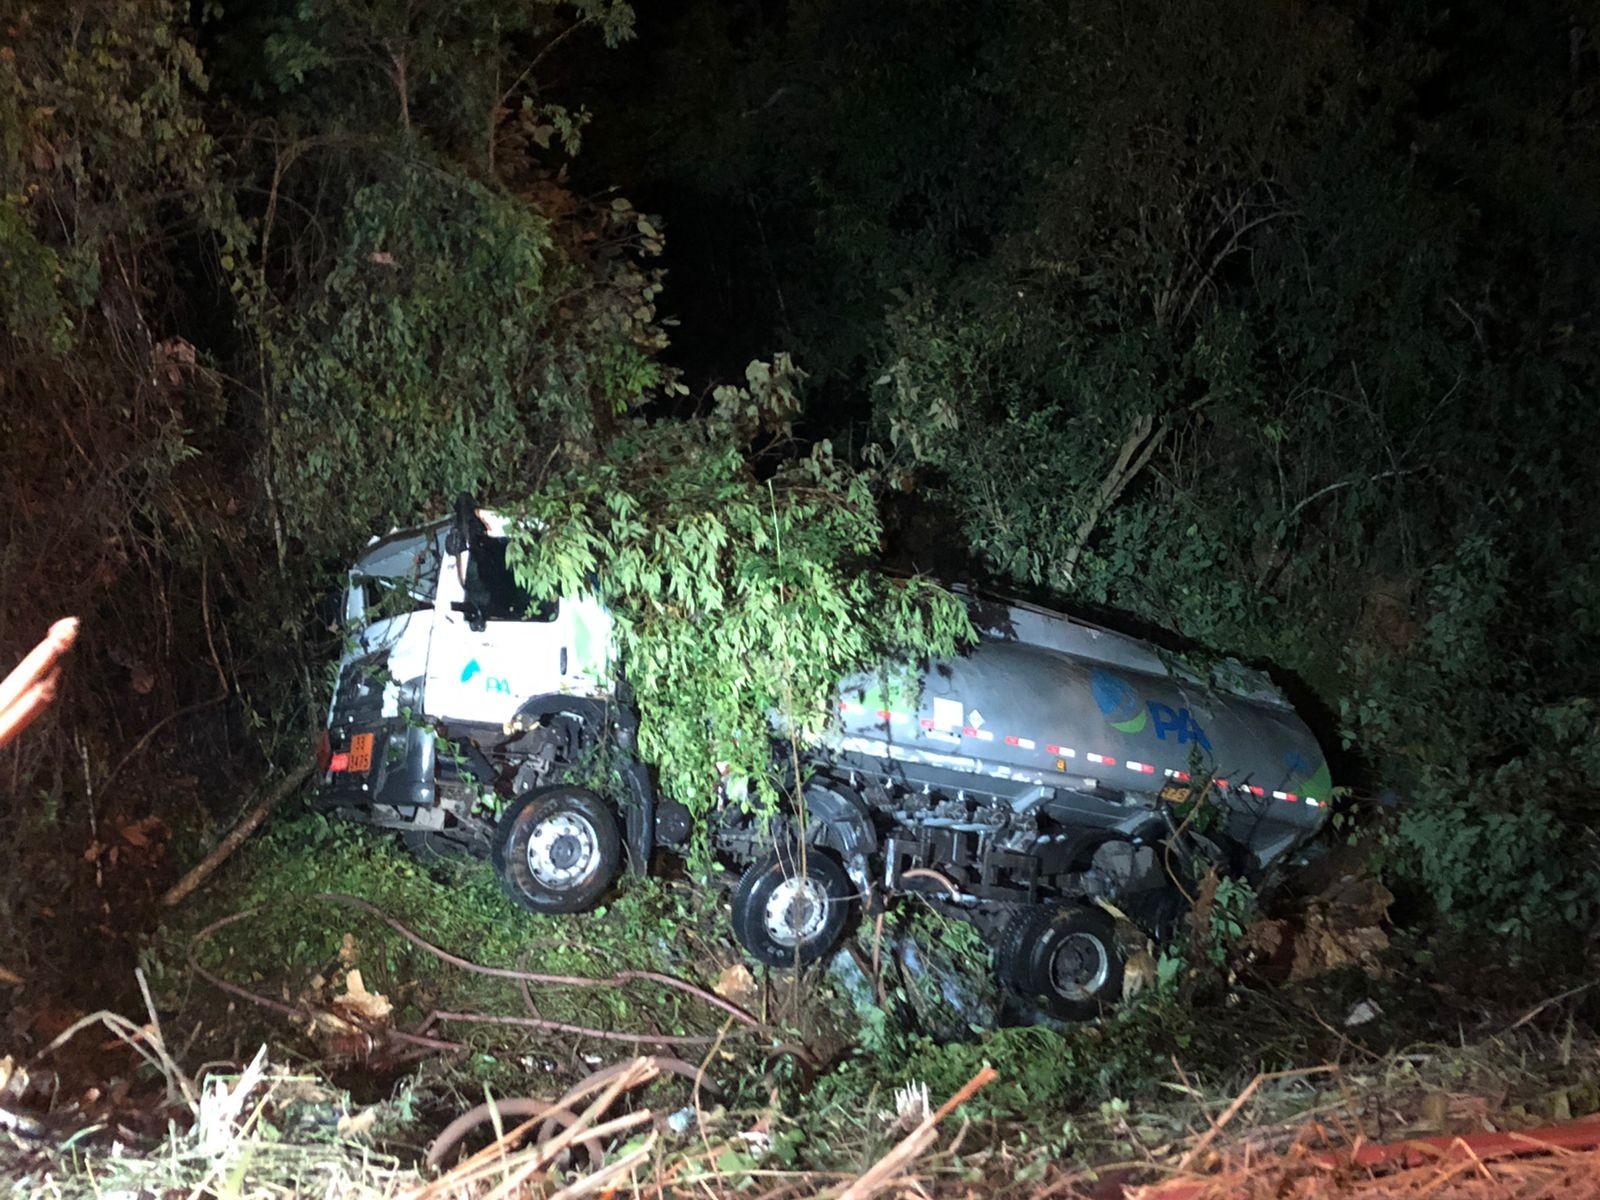 Motorista aponta falha mecânica, tomba caminhão-tanque e MG-030 fica interditada em Nova Lima